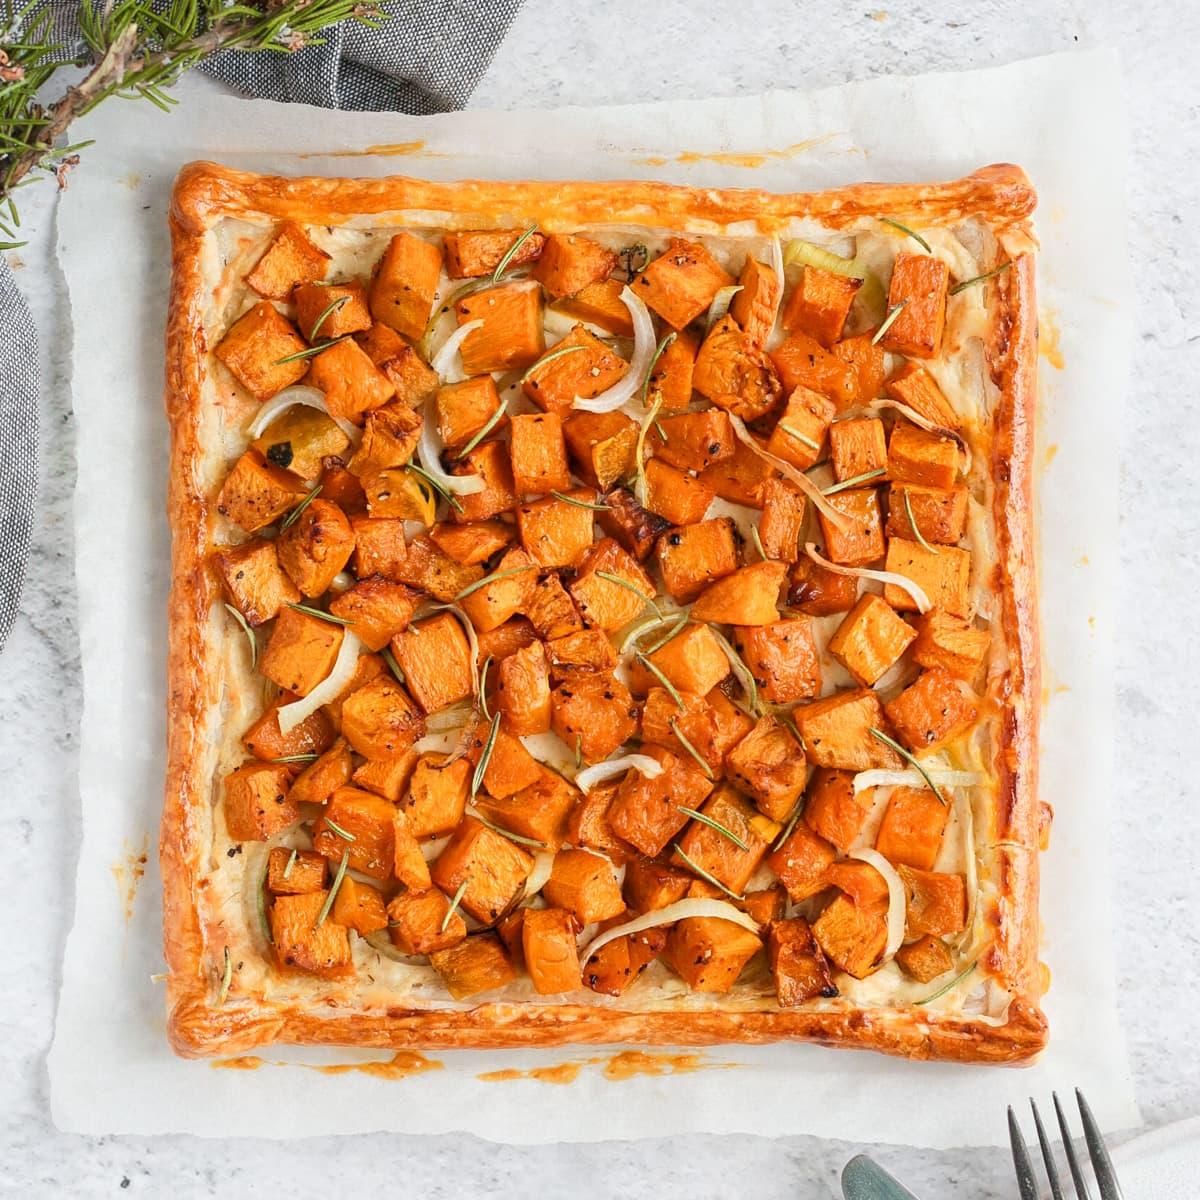 Pumpkin tart from above over a sheet of baking paper